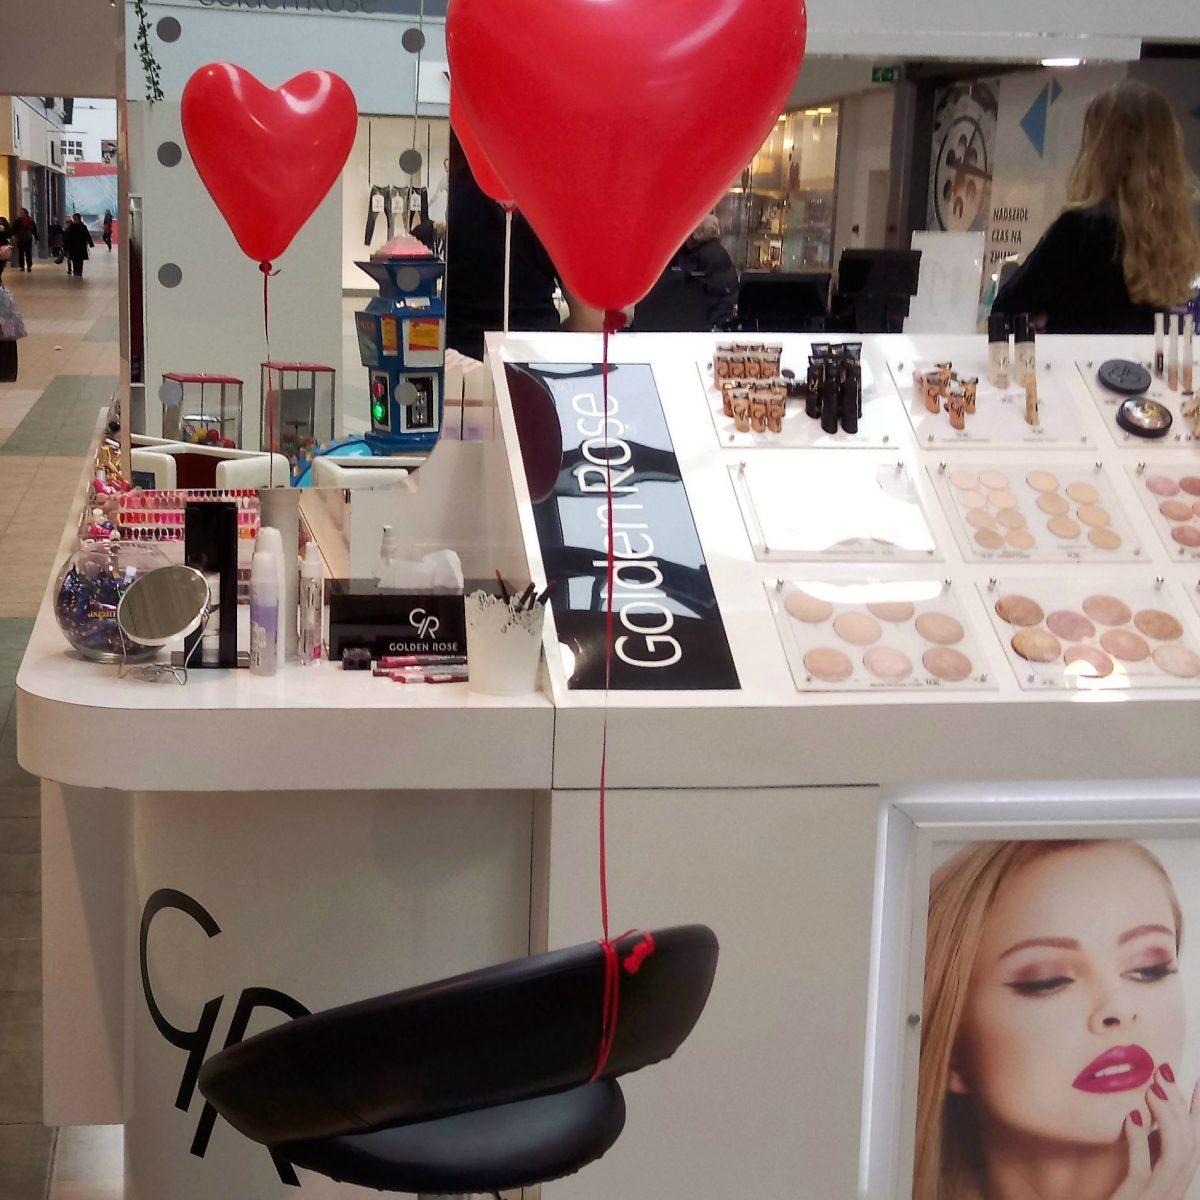 Wyjątkowa akcja z makijażem ust, dobieraniem kolorów i rabatem! Walentynkowe malowanie ust.